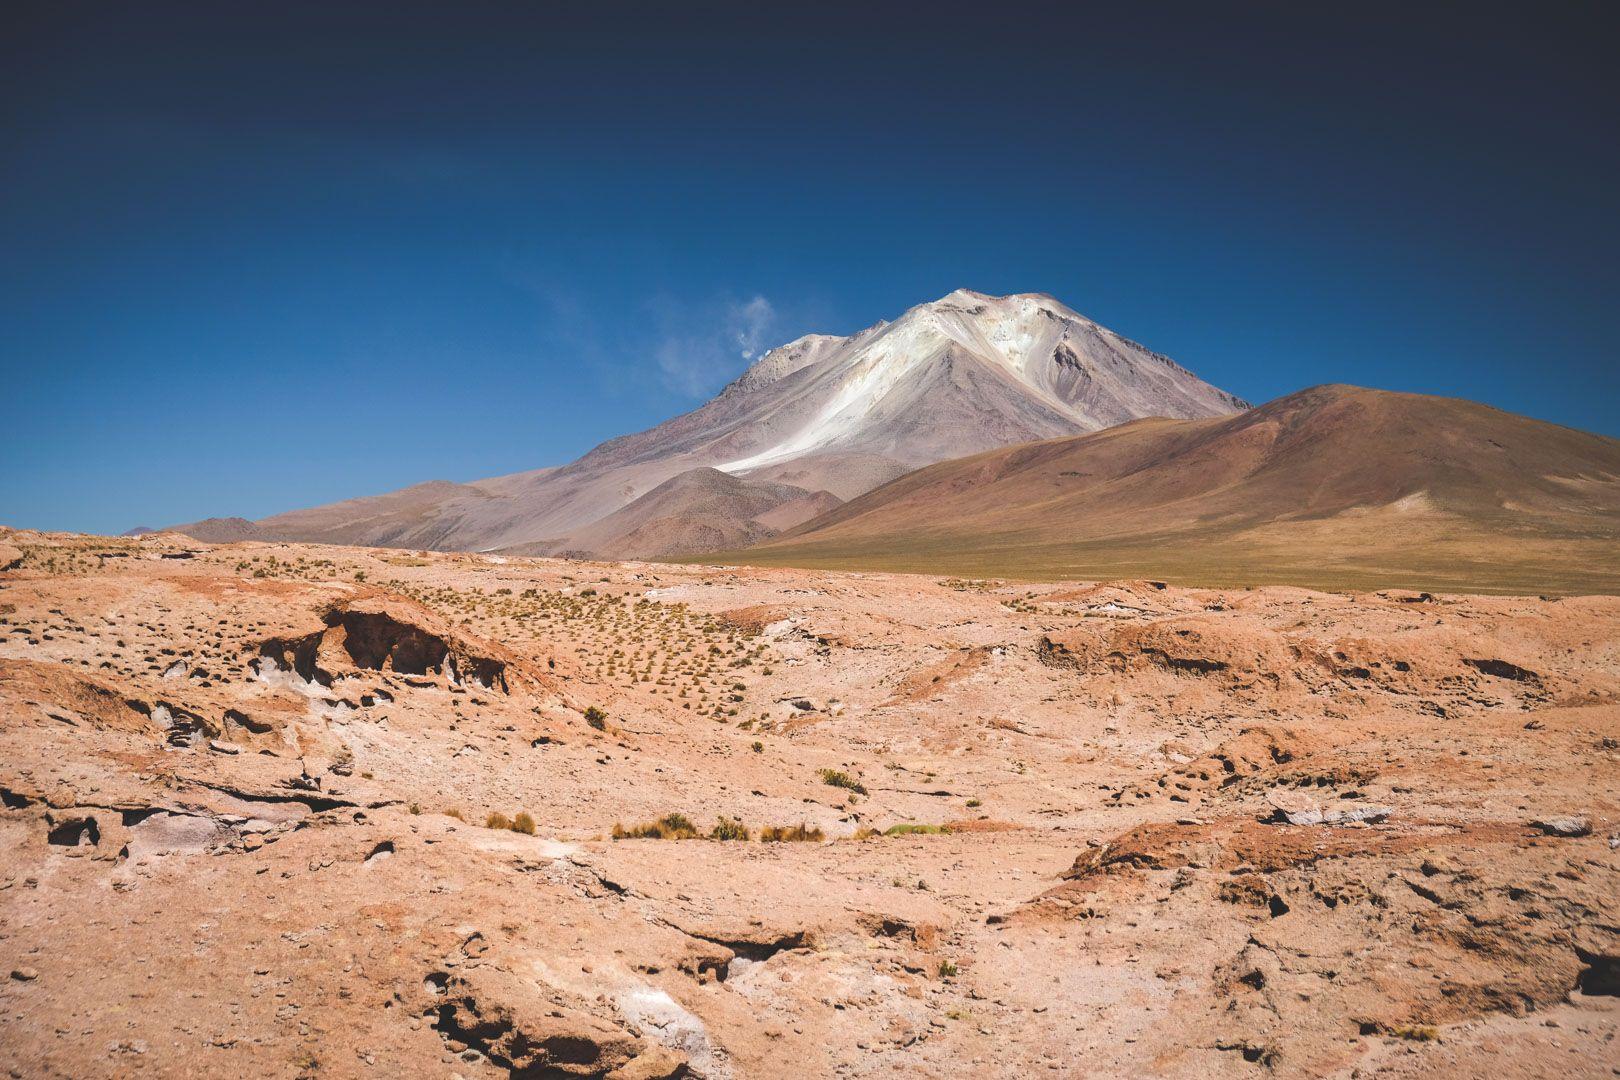 volcan Ollagüe dans le désert de sel d'Uyuni